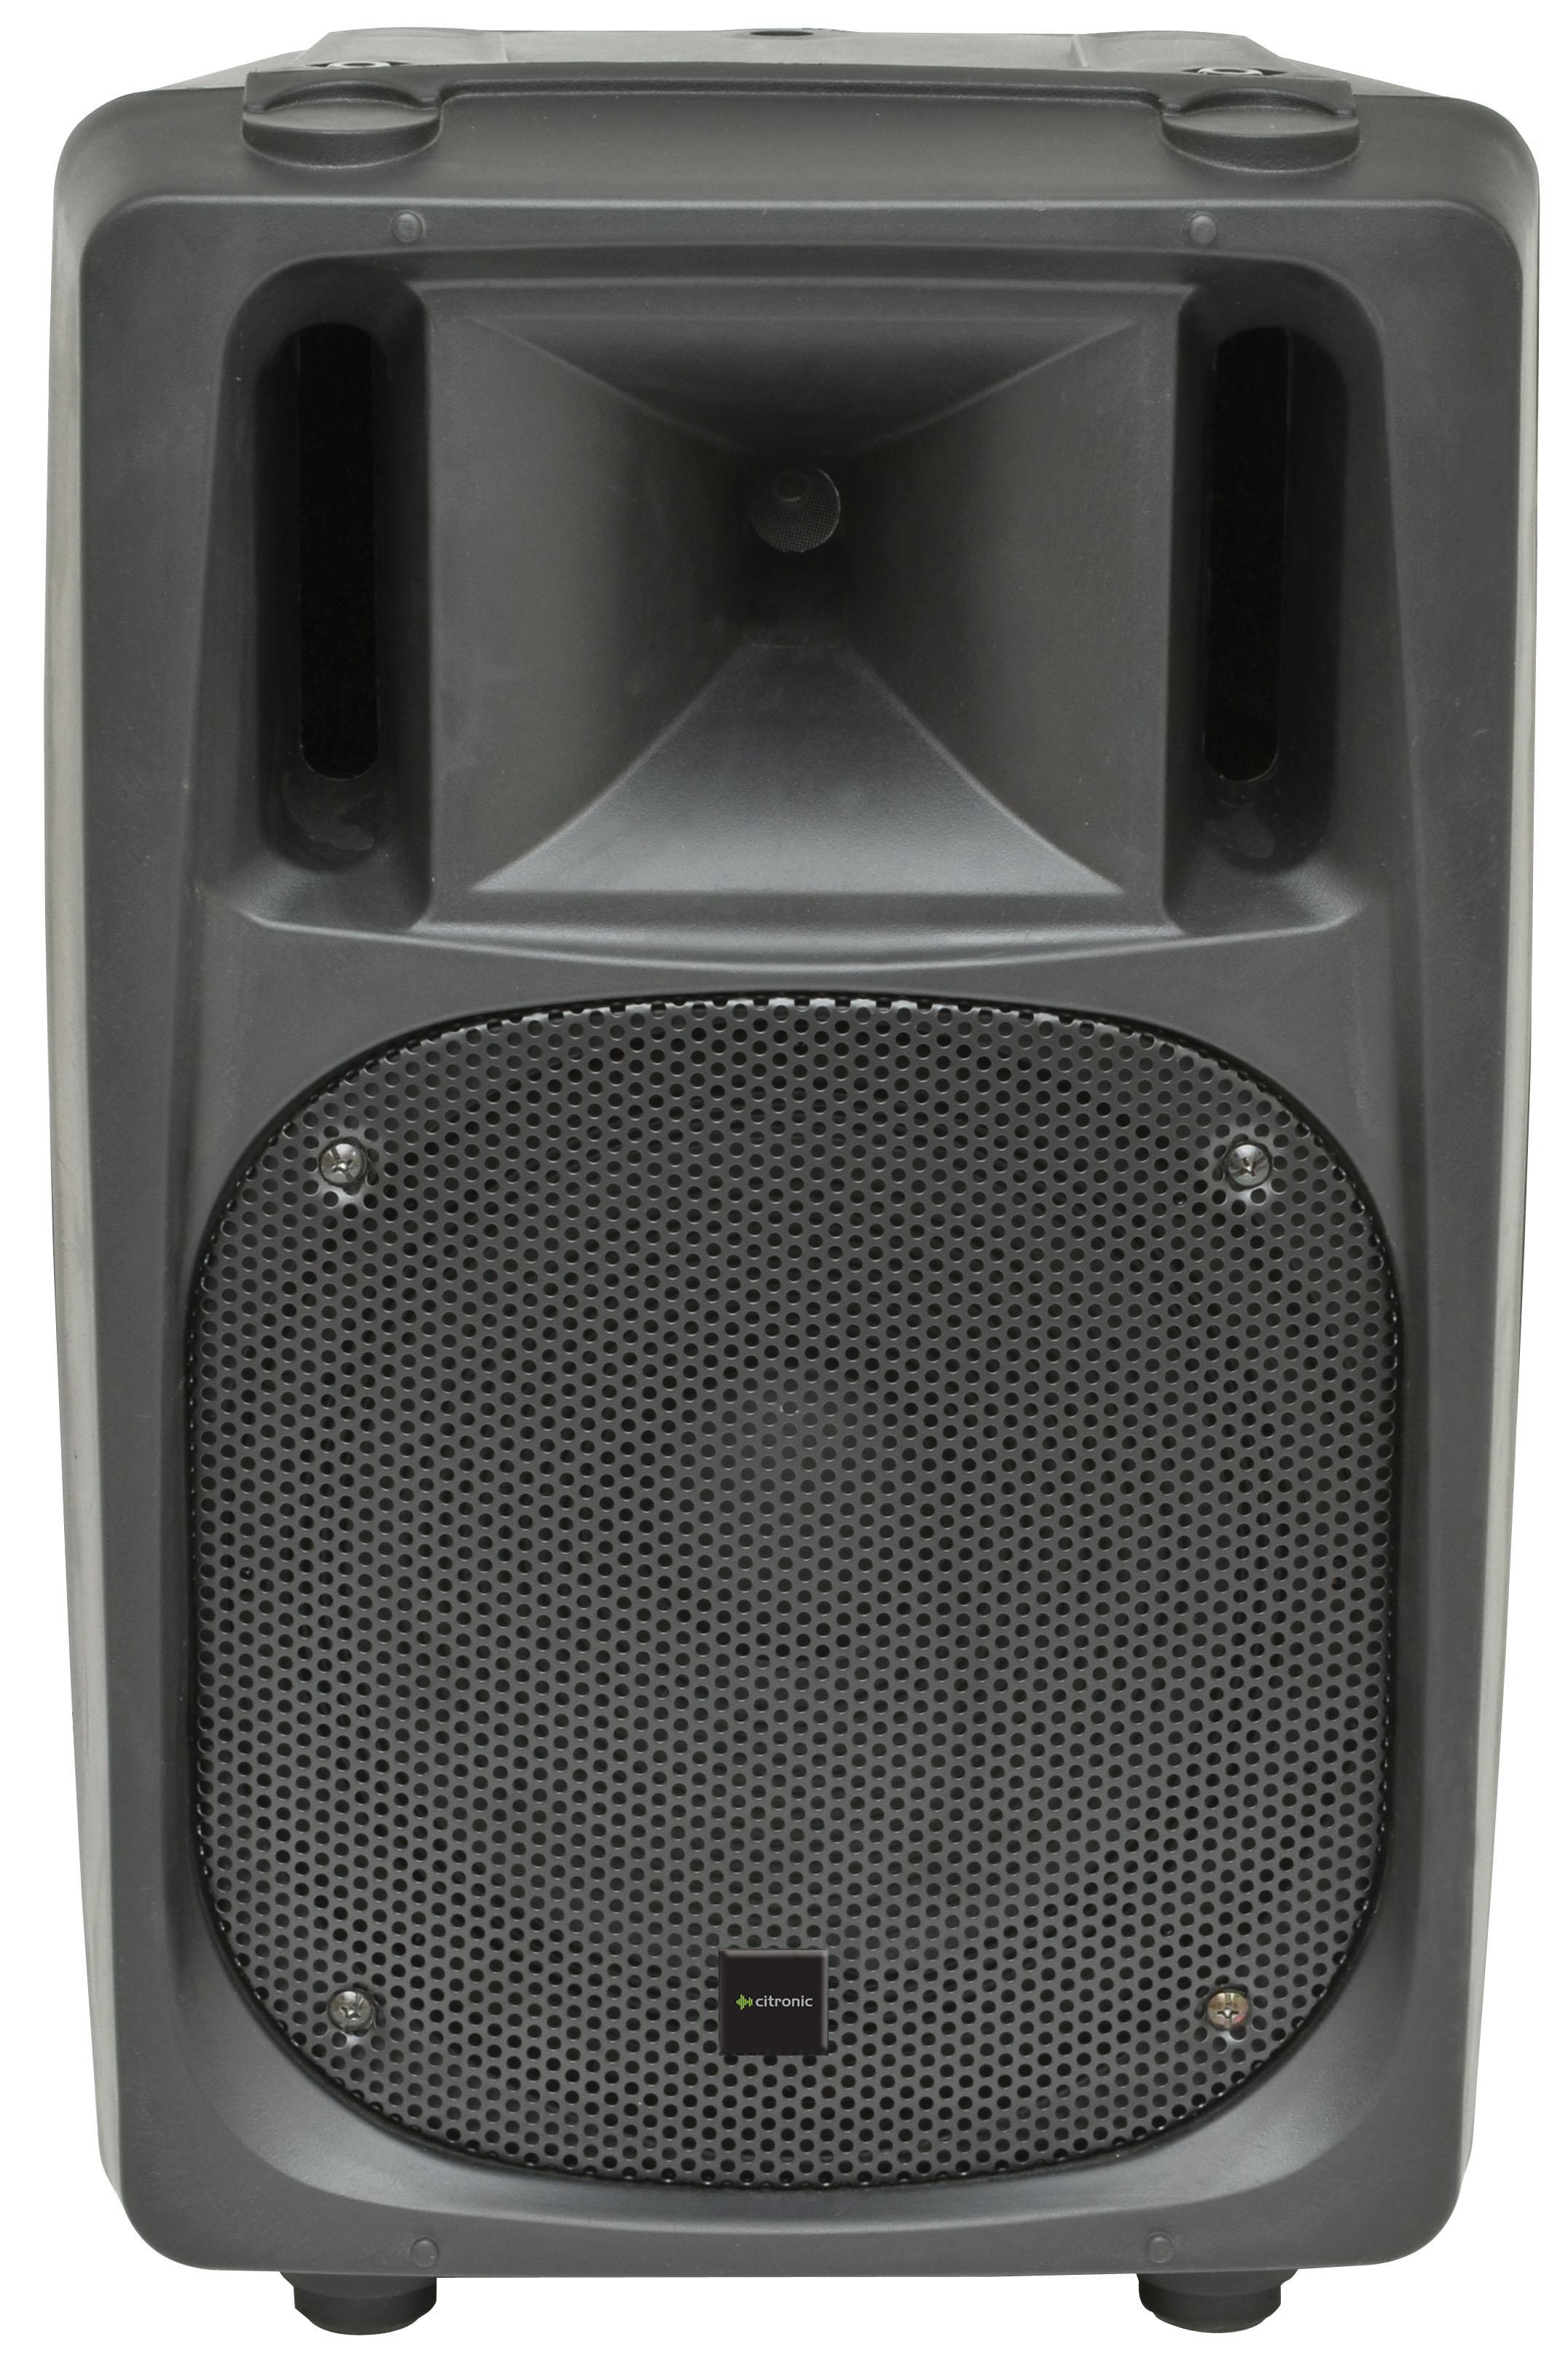 CITRONIC CV8 Moulded Speaker Cabinet 12 Integral 65 Mm Pole Mount